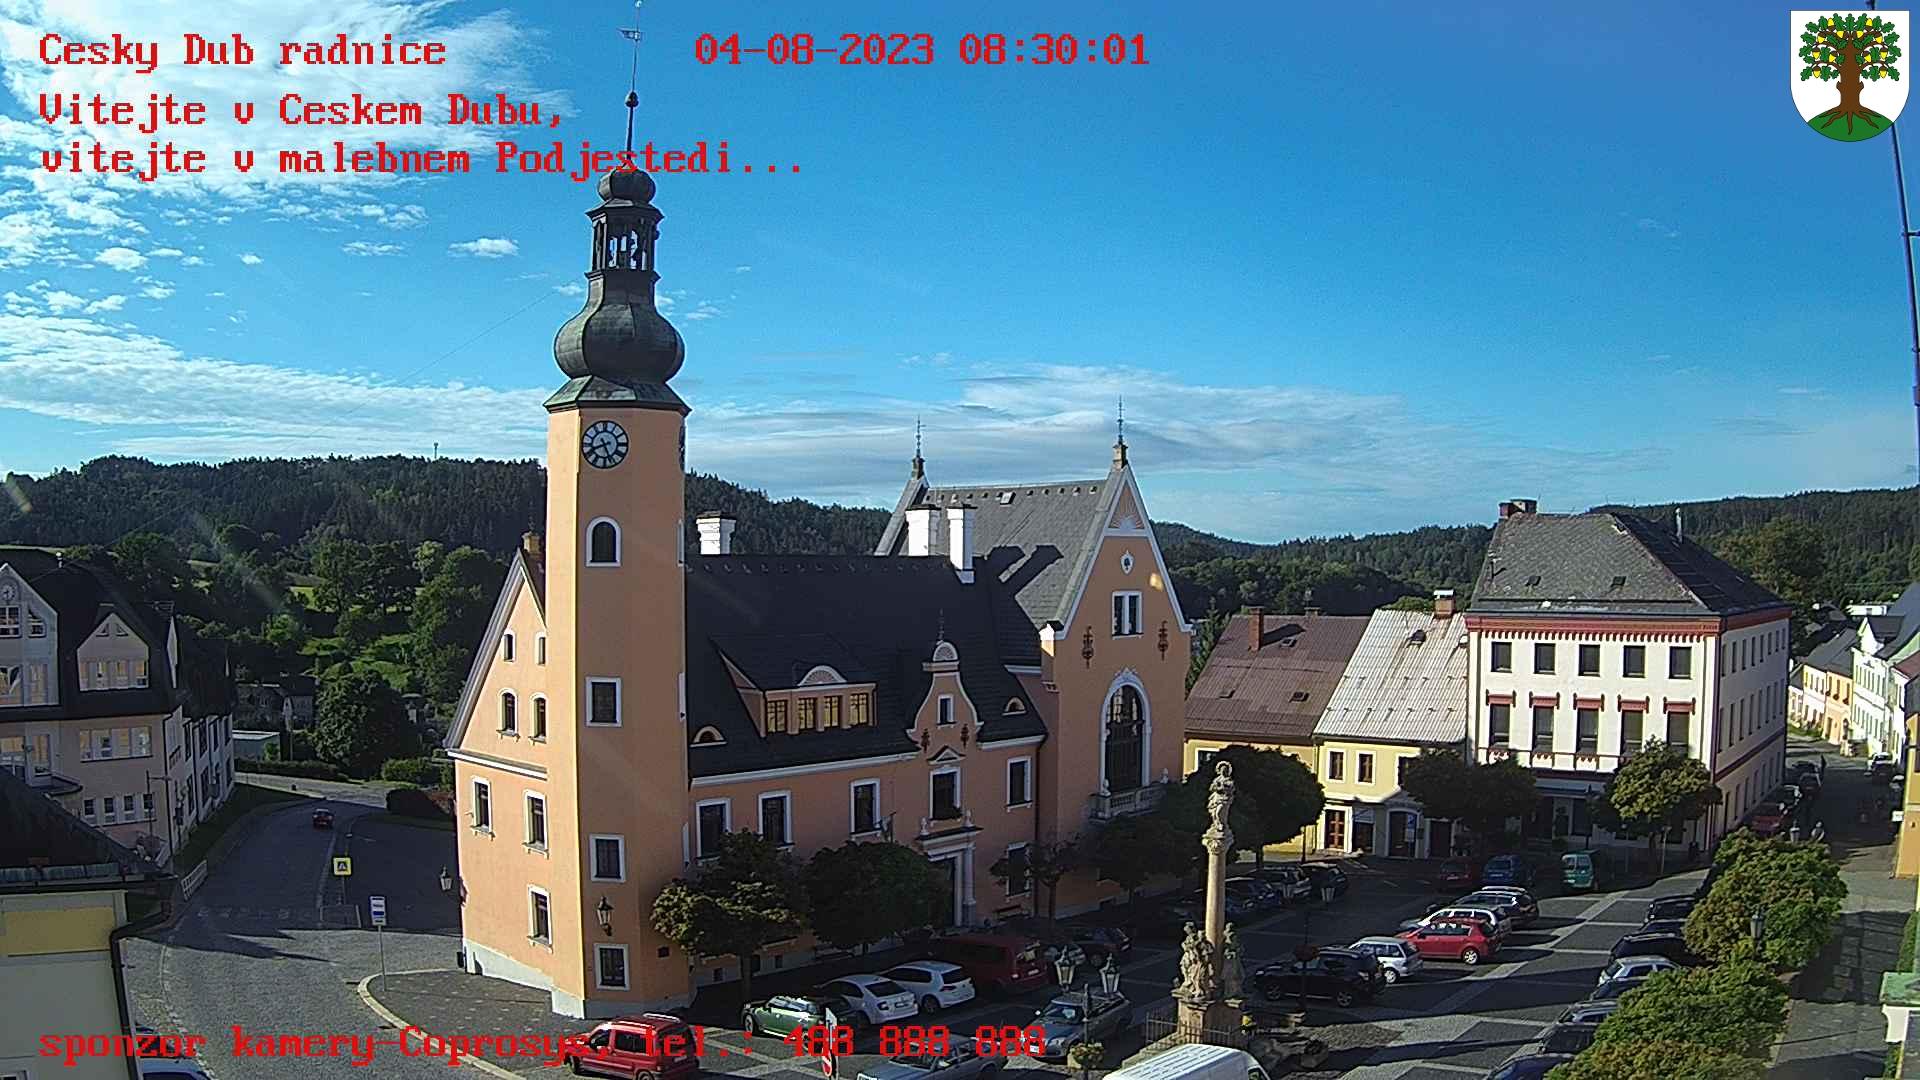 Webcam - Český Dub